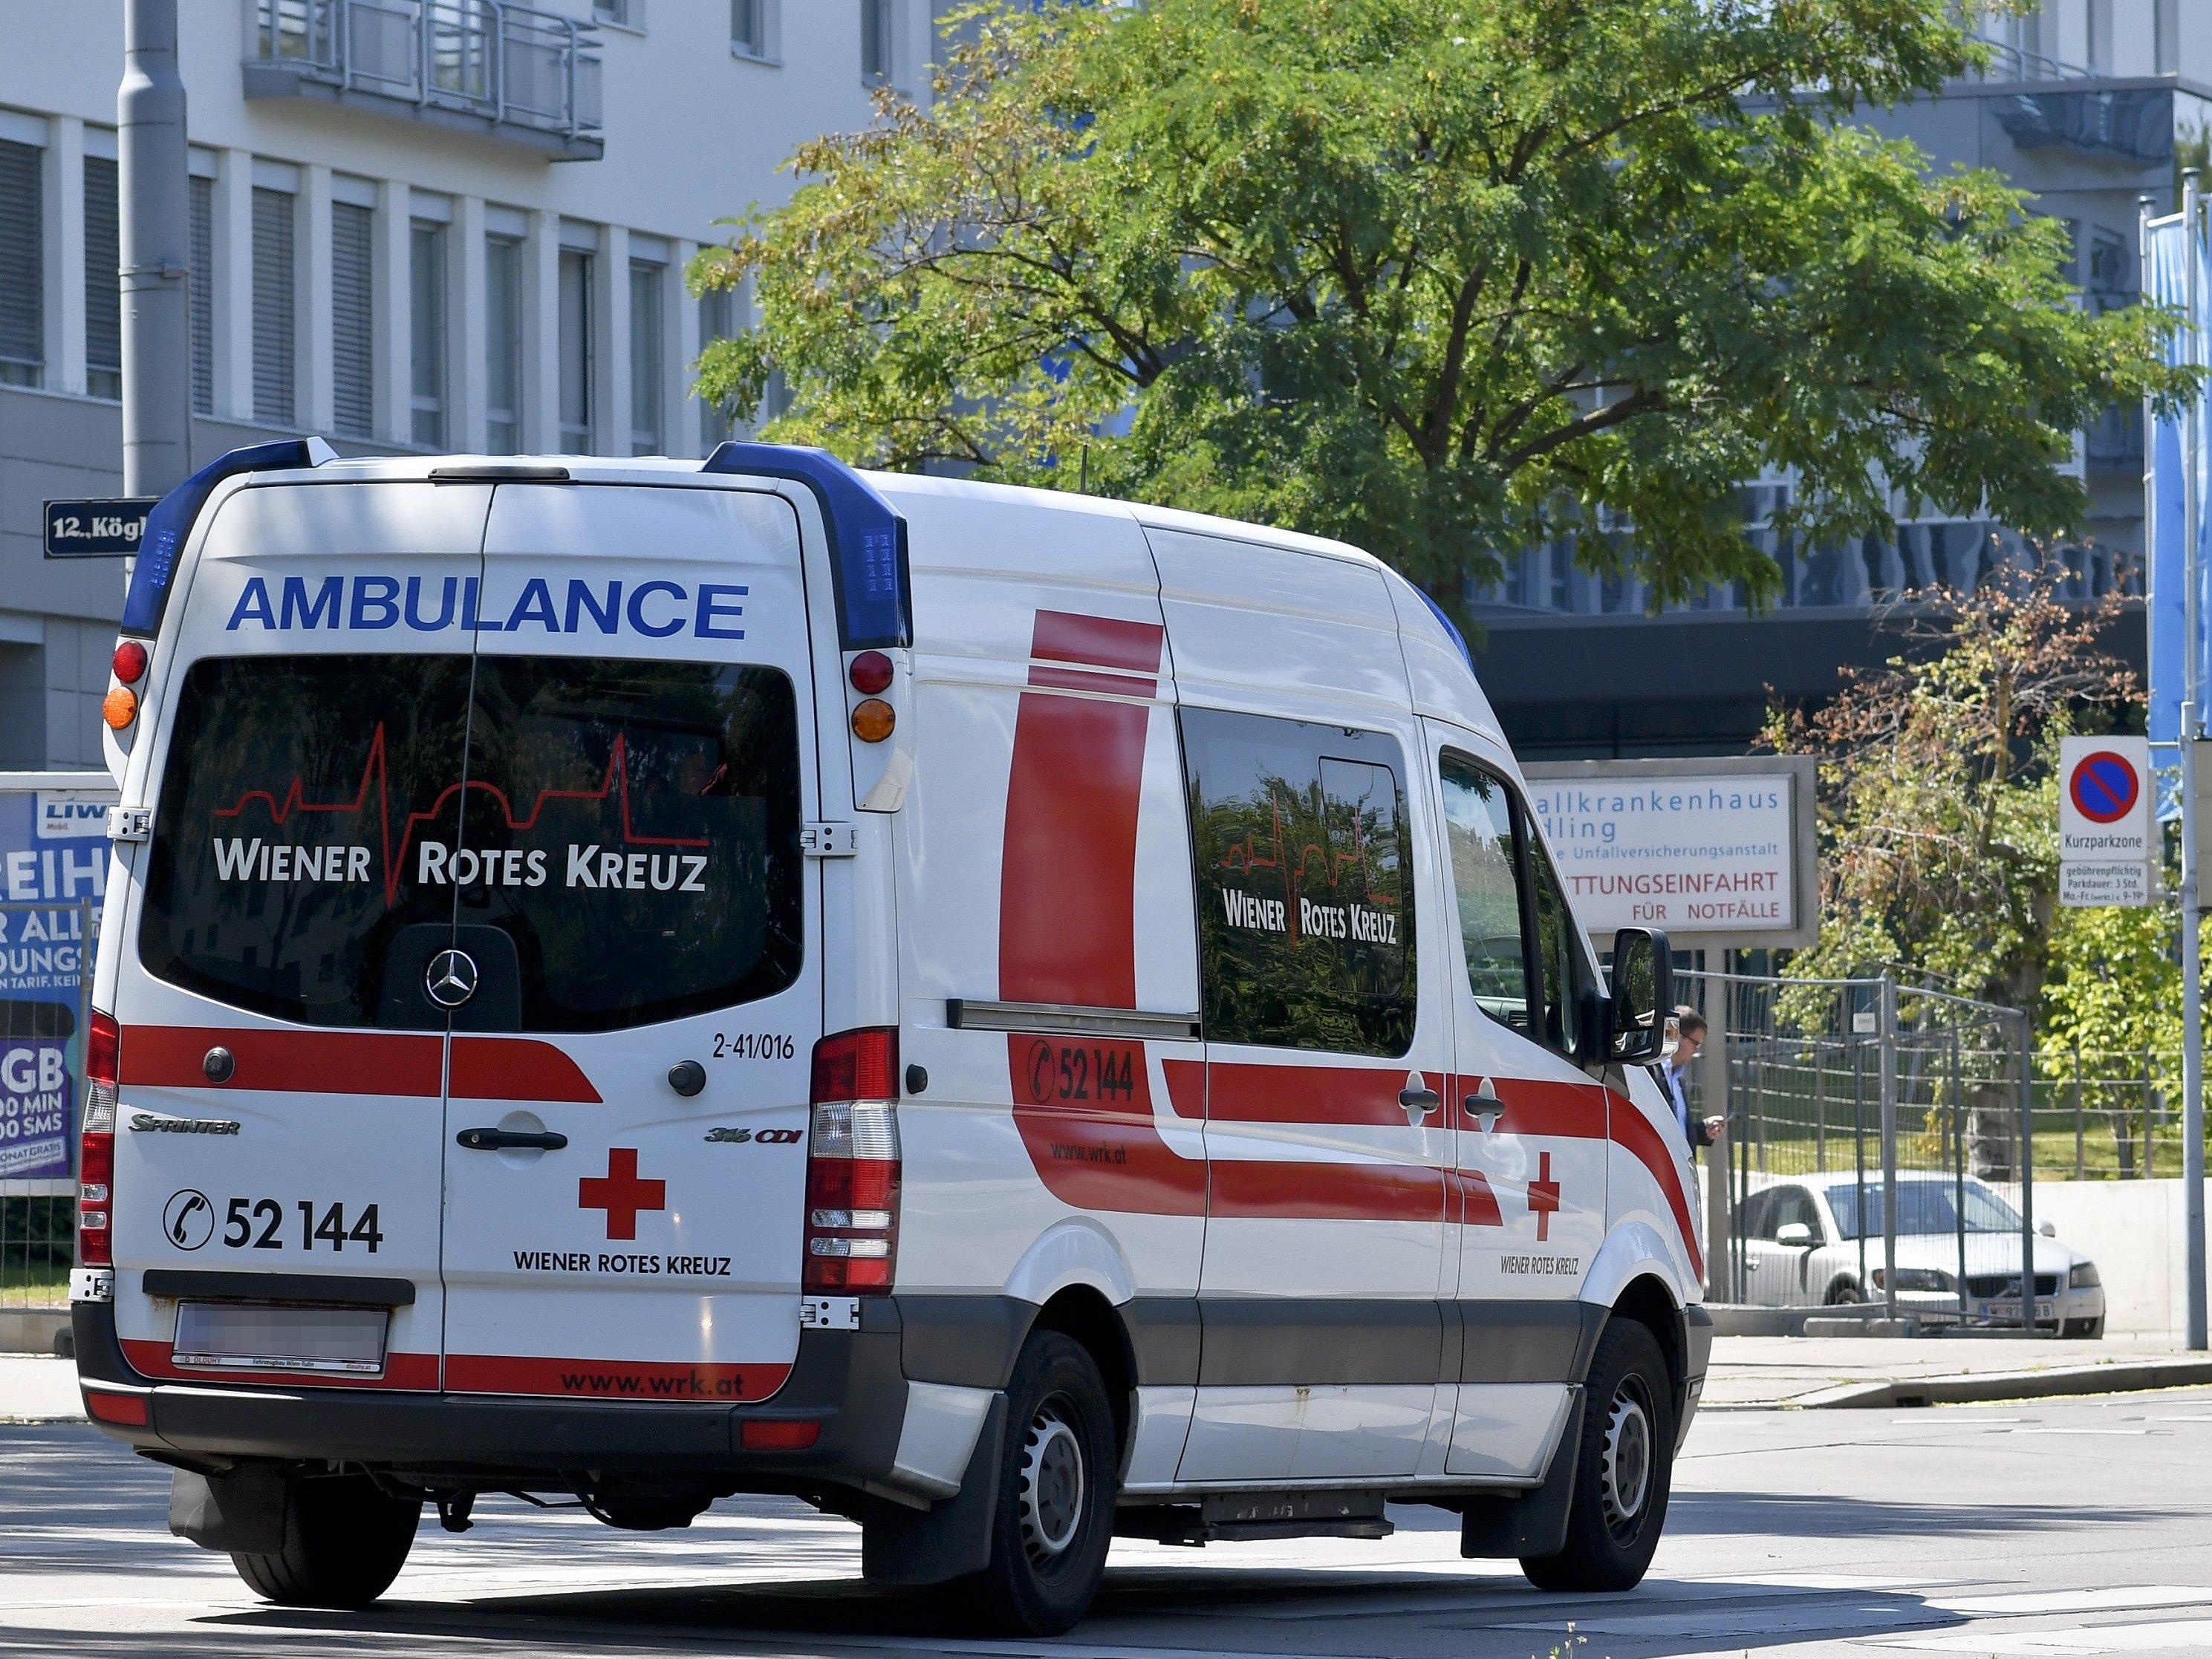 Der Porsche-Fahrer wurde leicht vereltzt und mit der Rettung ins Krankenhaus gebracht.